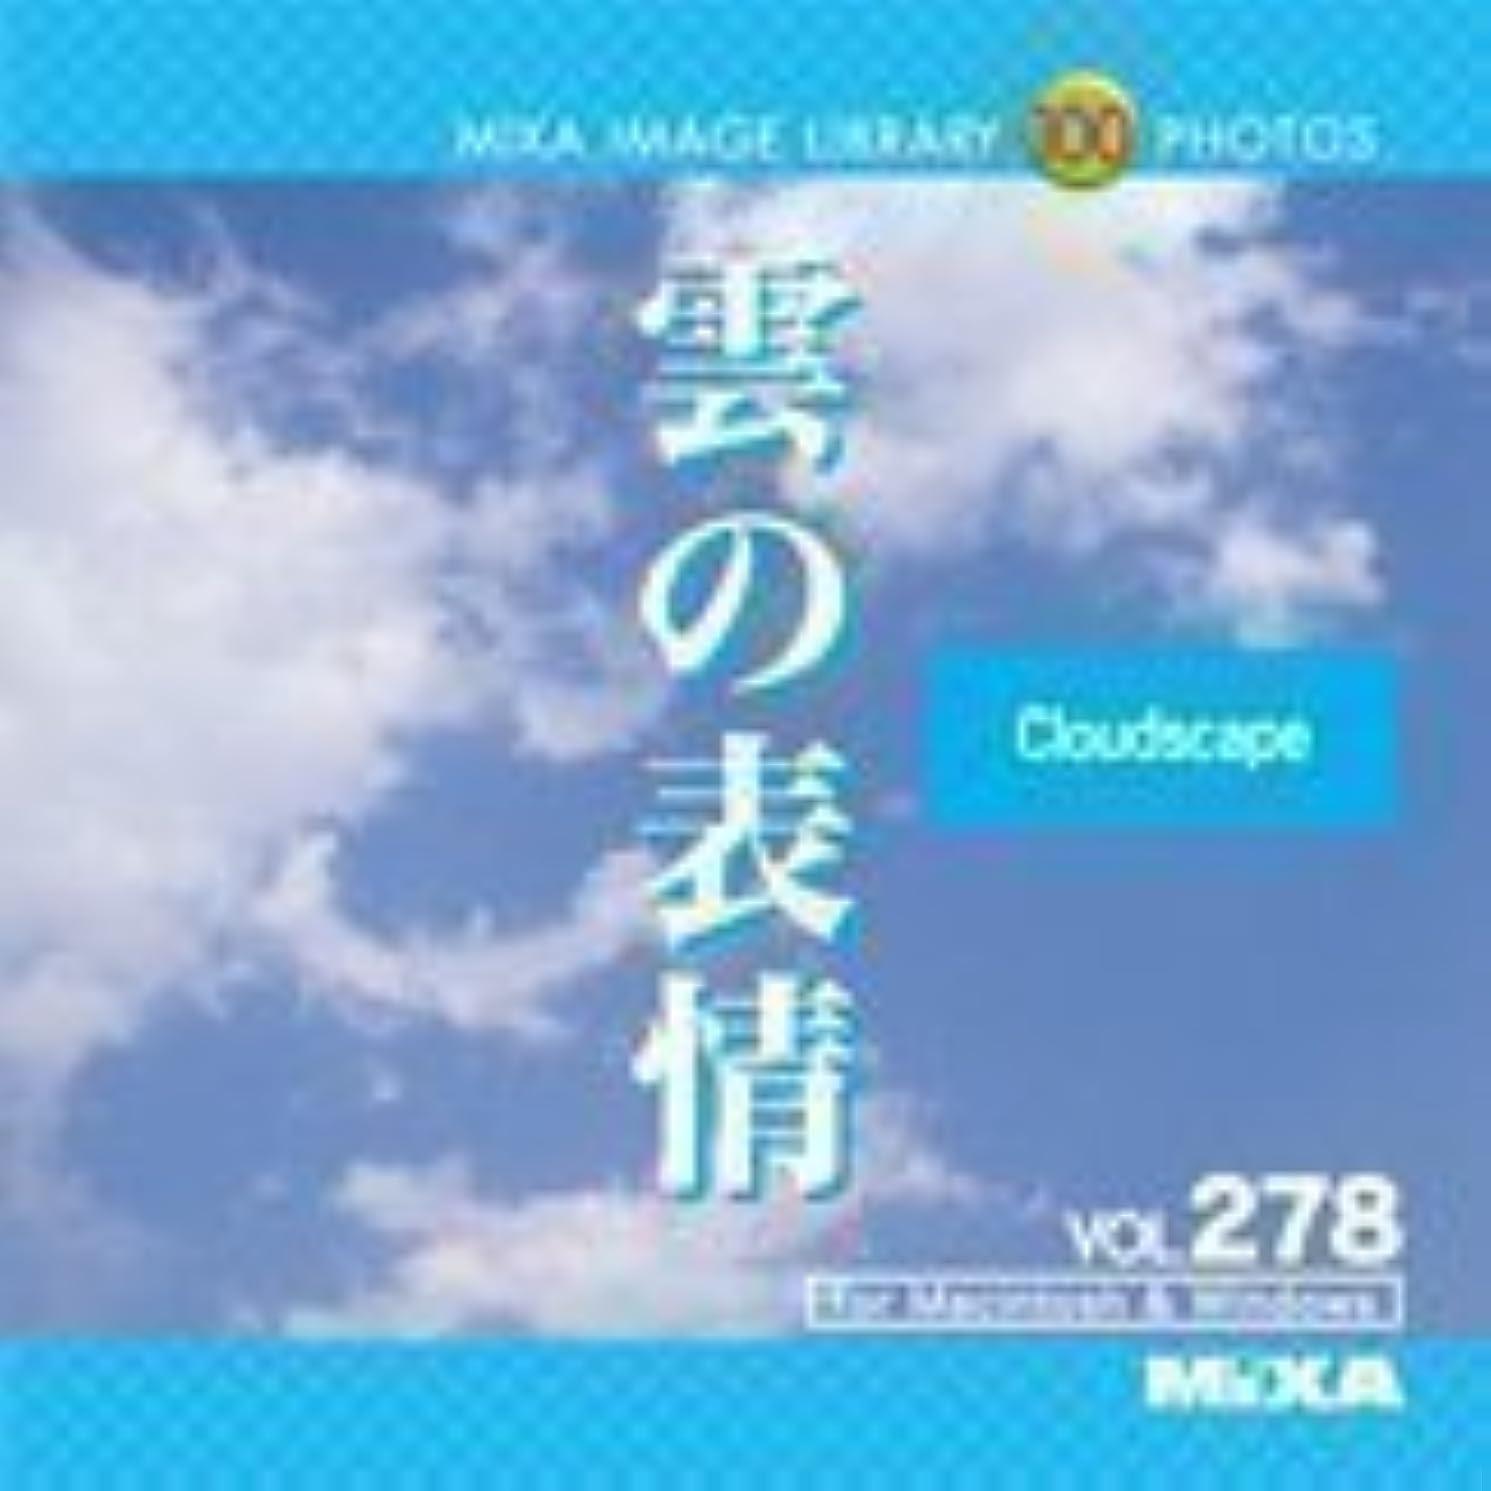 不利益作曲する共和党MIXA IMAGE LIBRARY Vol.278 雲の表情